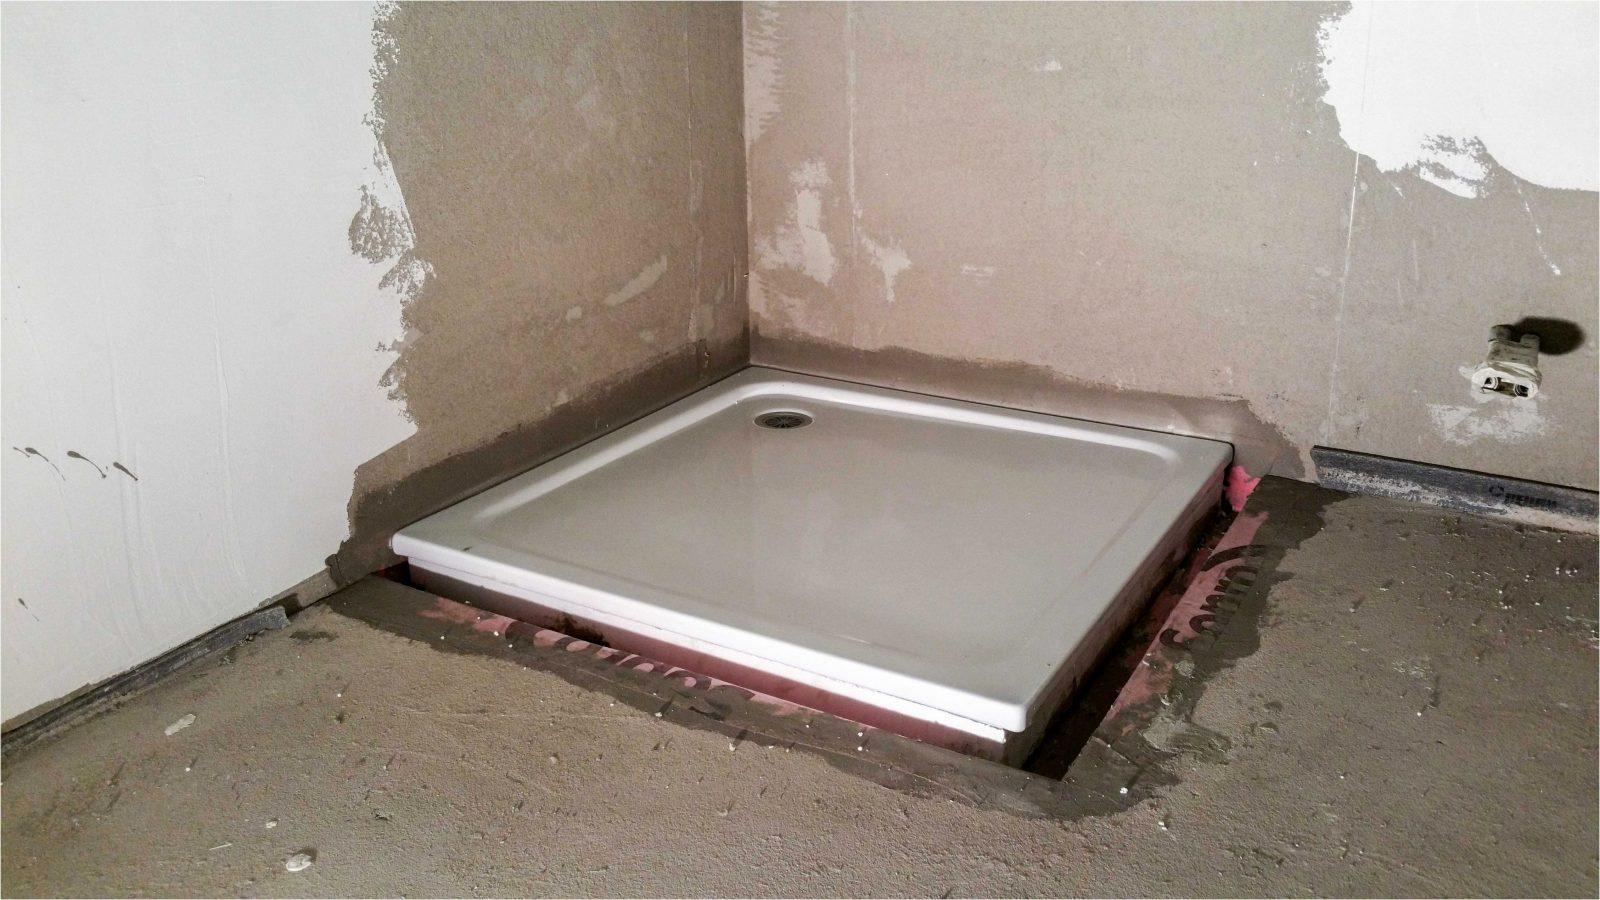 Luxus Bodengleiche Dusche Selber Bauen Bodengleiche Dusche Einbauen von Barrierefreie Dusche Selber Bauen Photo